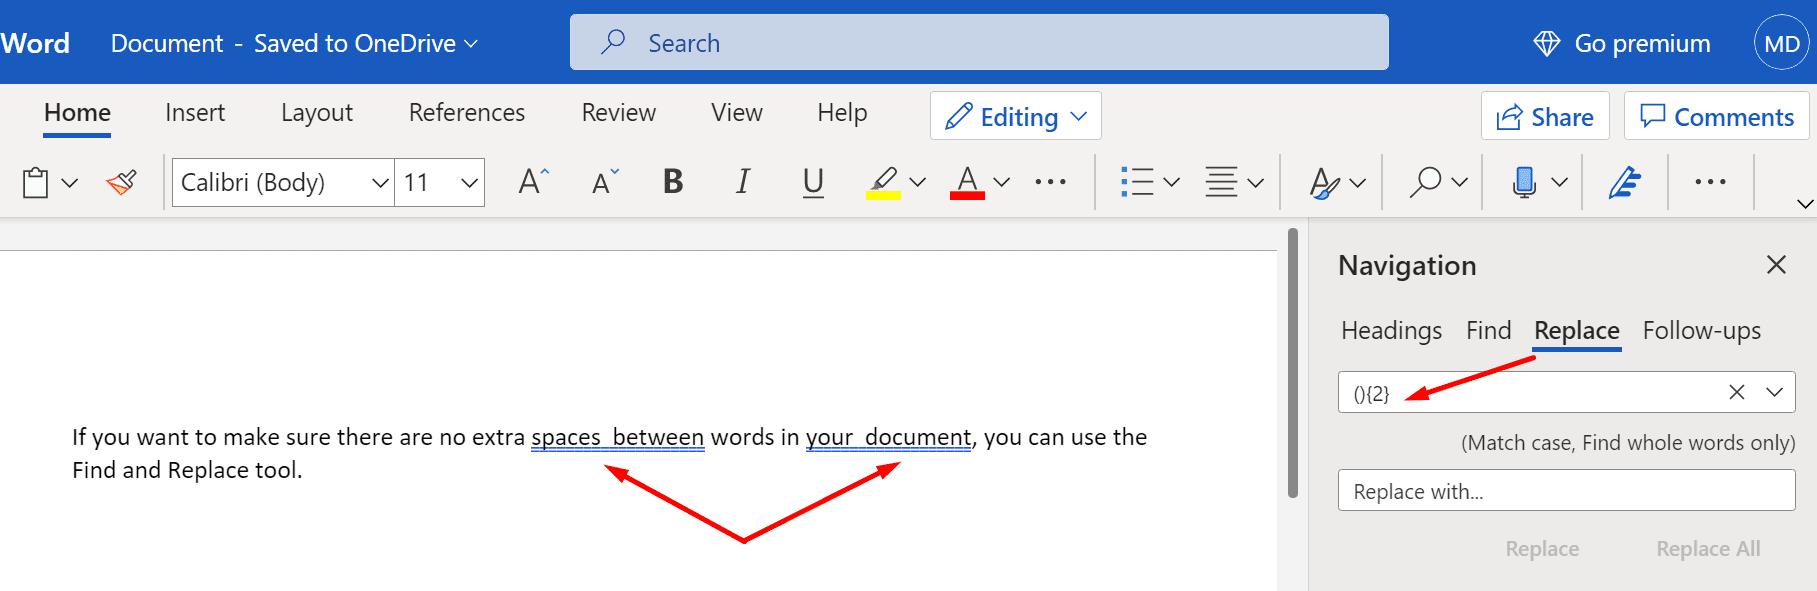 Encuentra espacios adicionales entre las palabras Microsoft Word